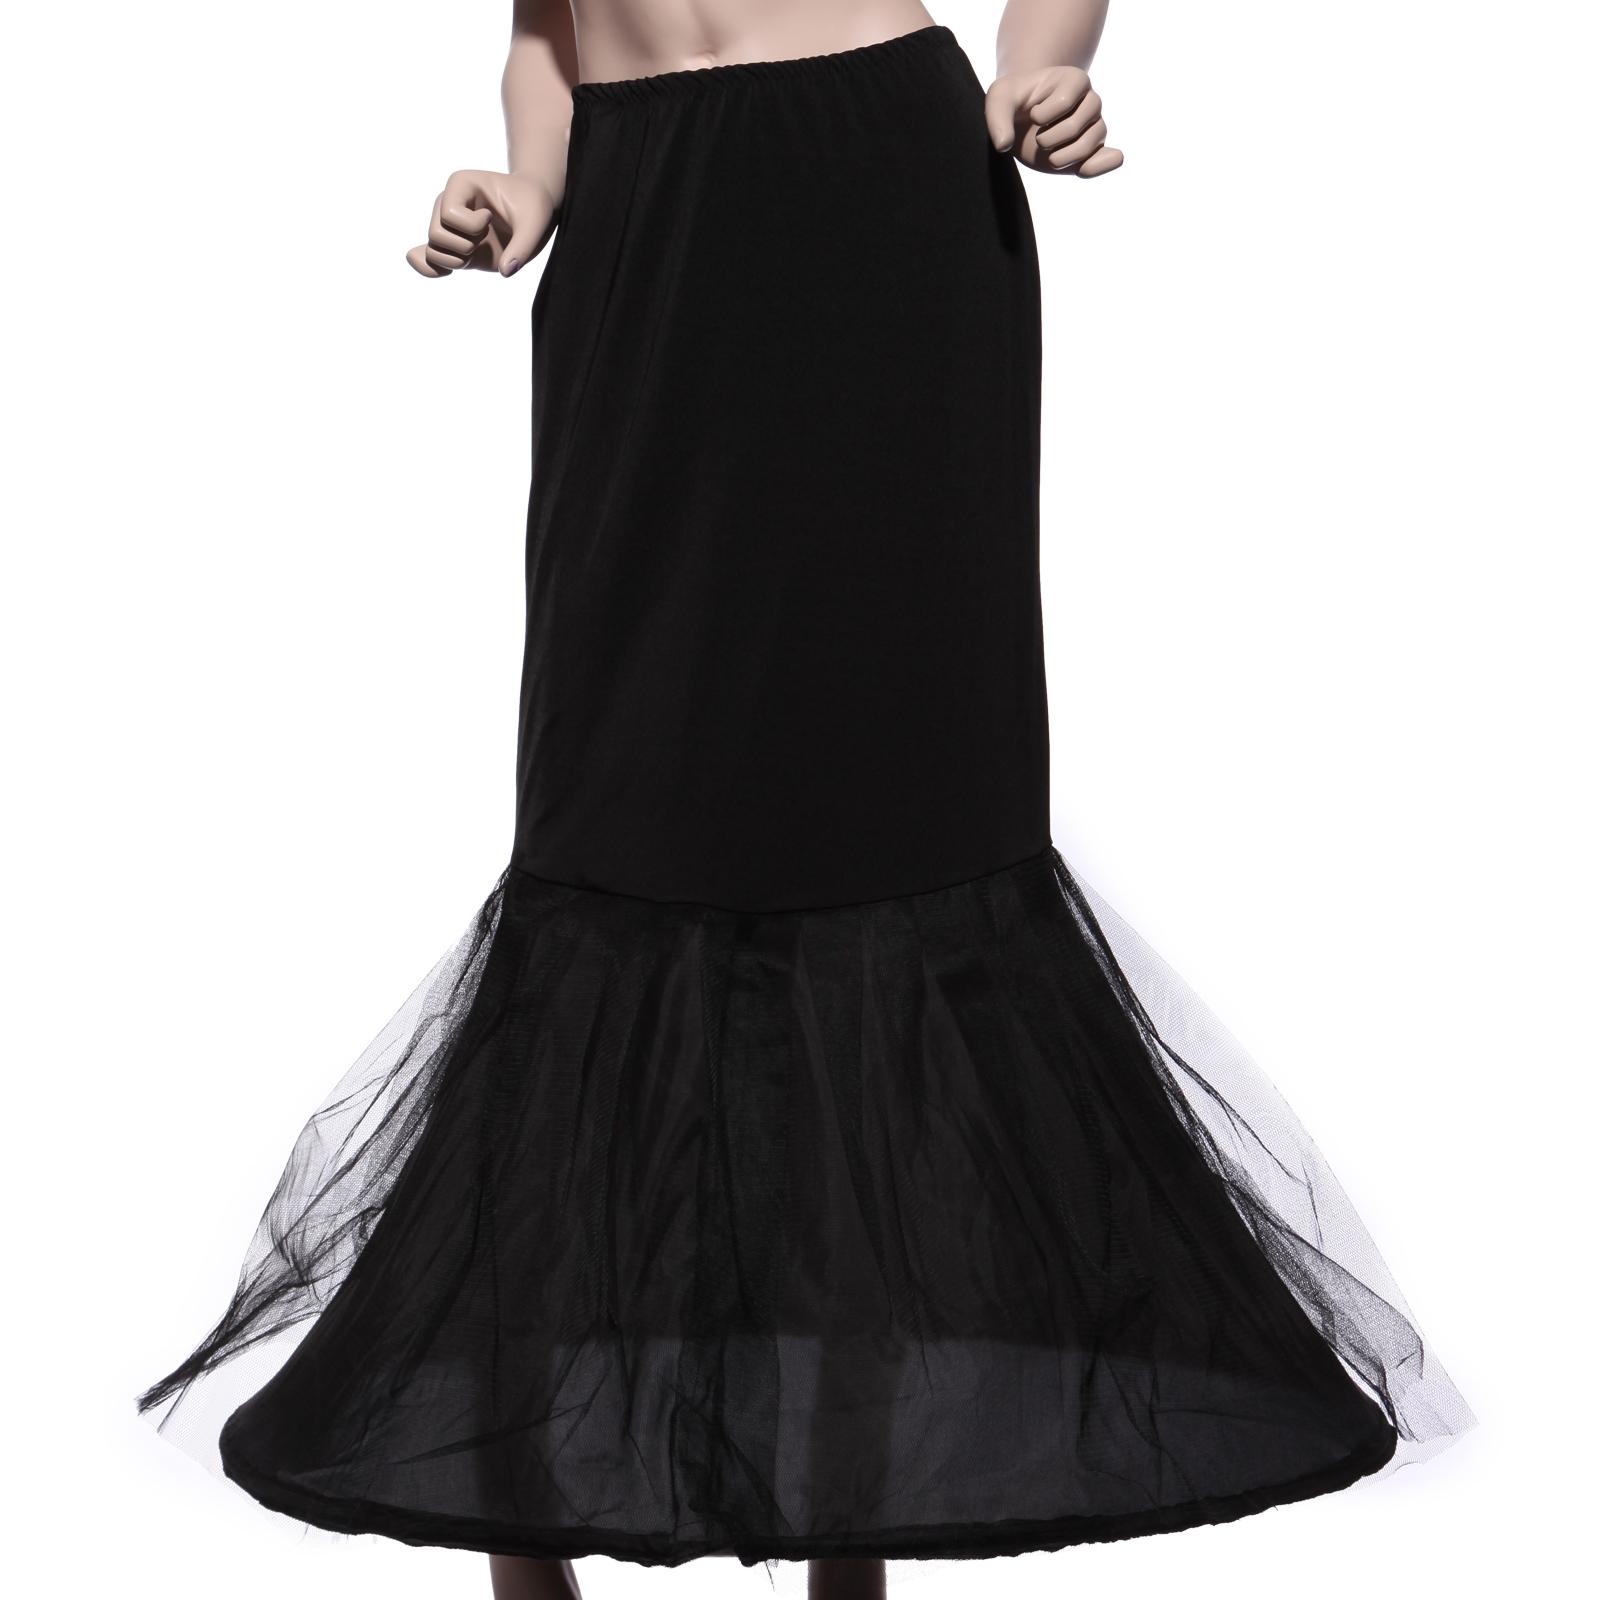 Crinoline jupon jupe petticoat mariage sirene robe de for Robe noire pour la noce